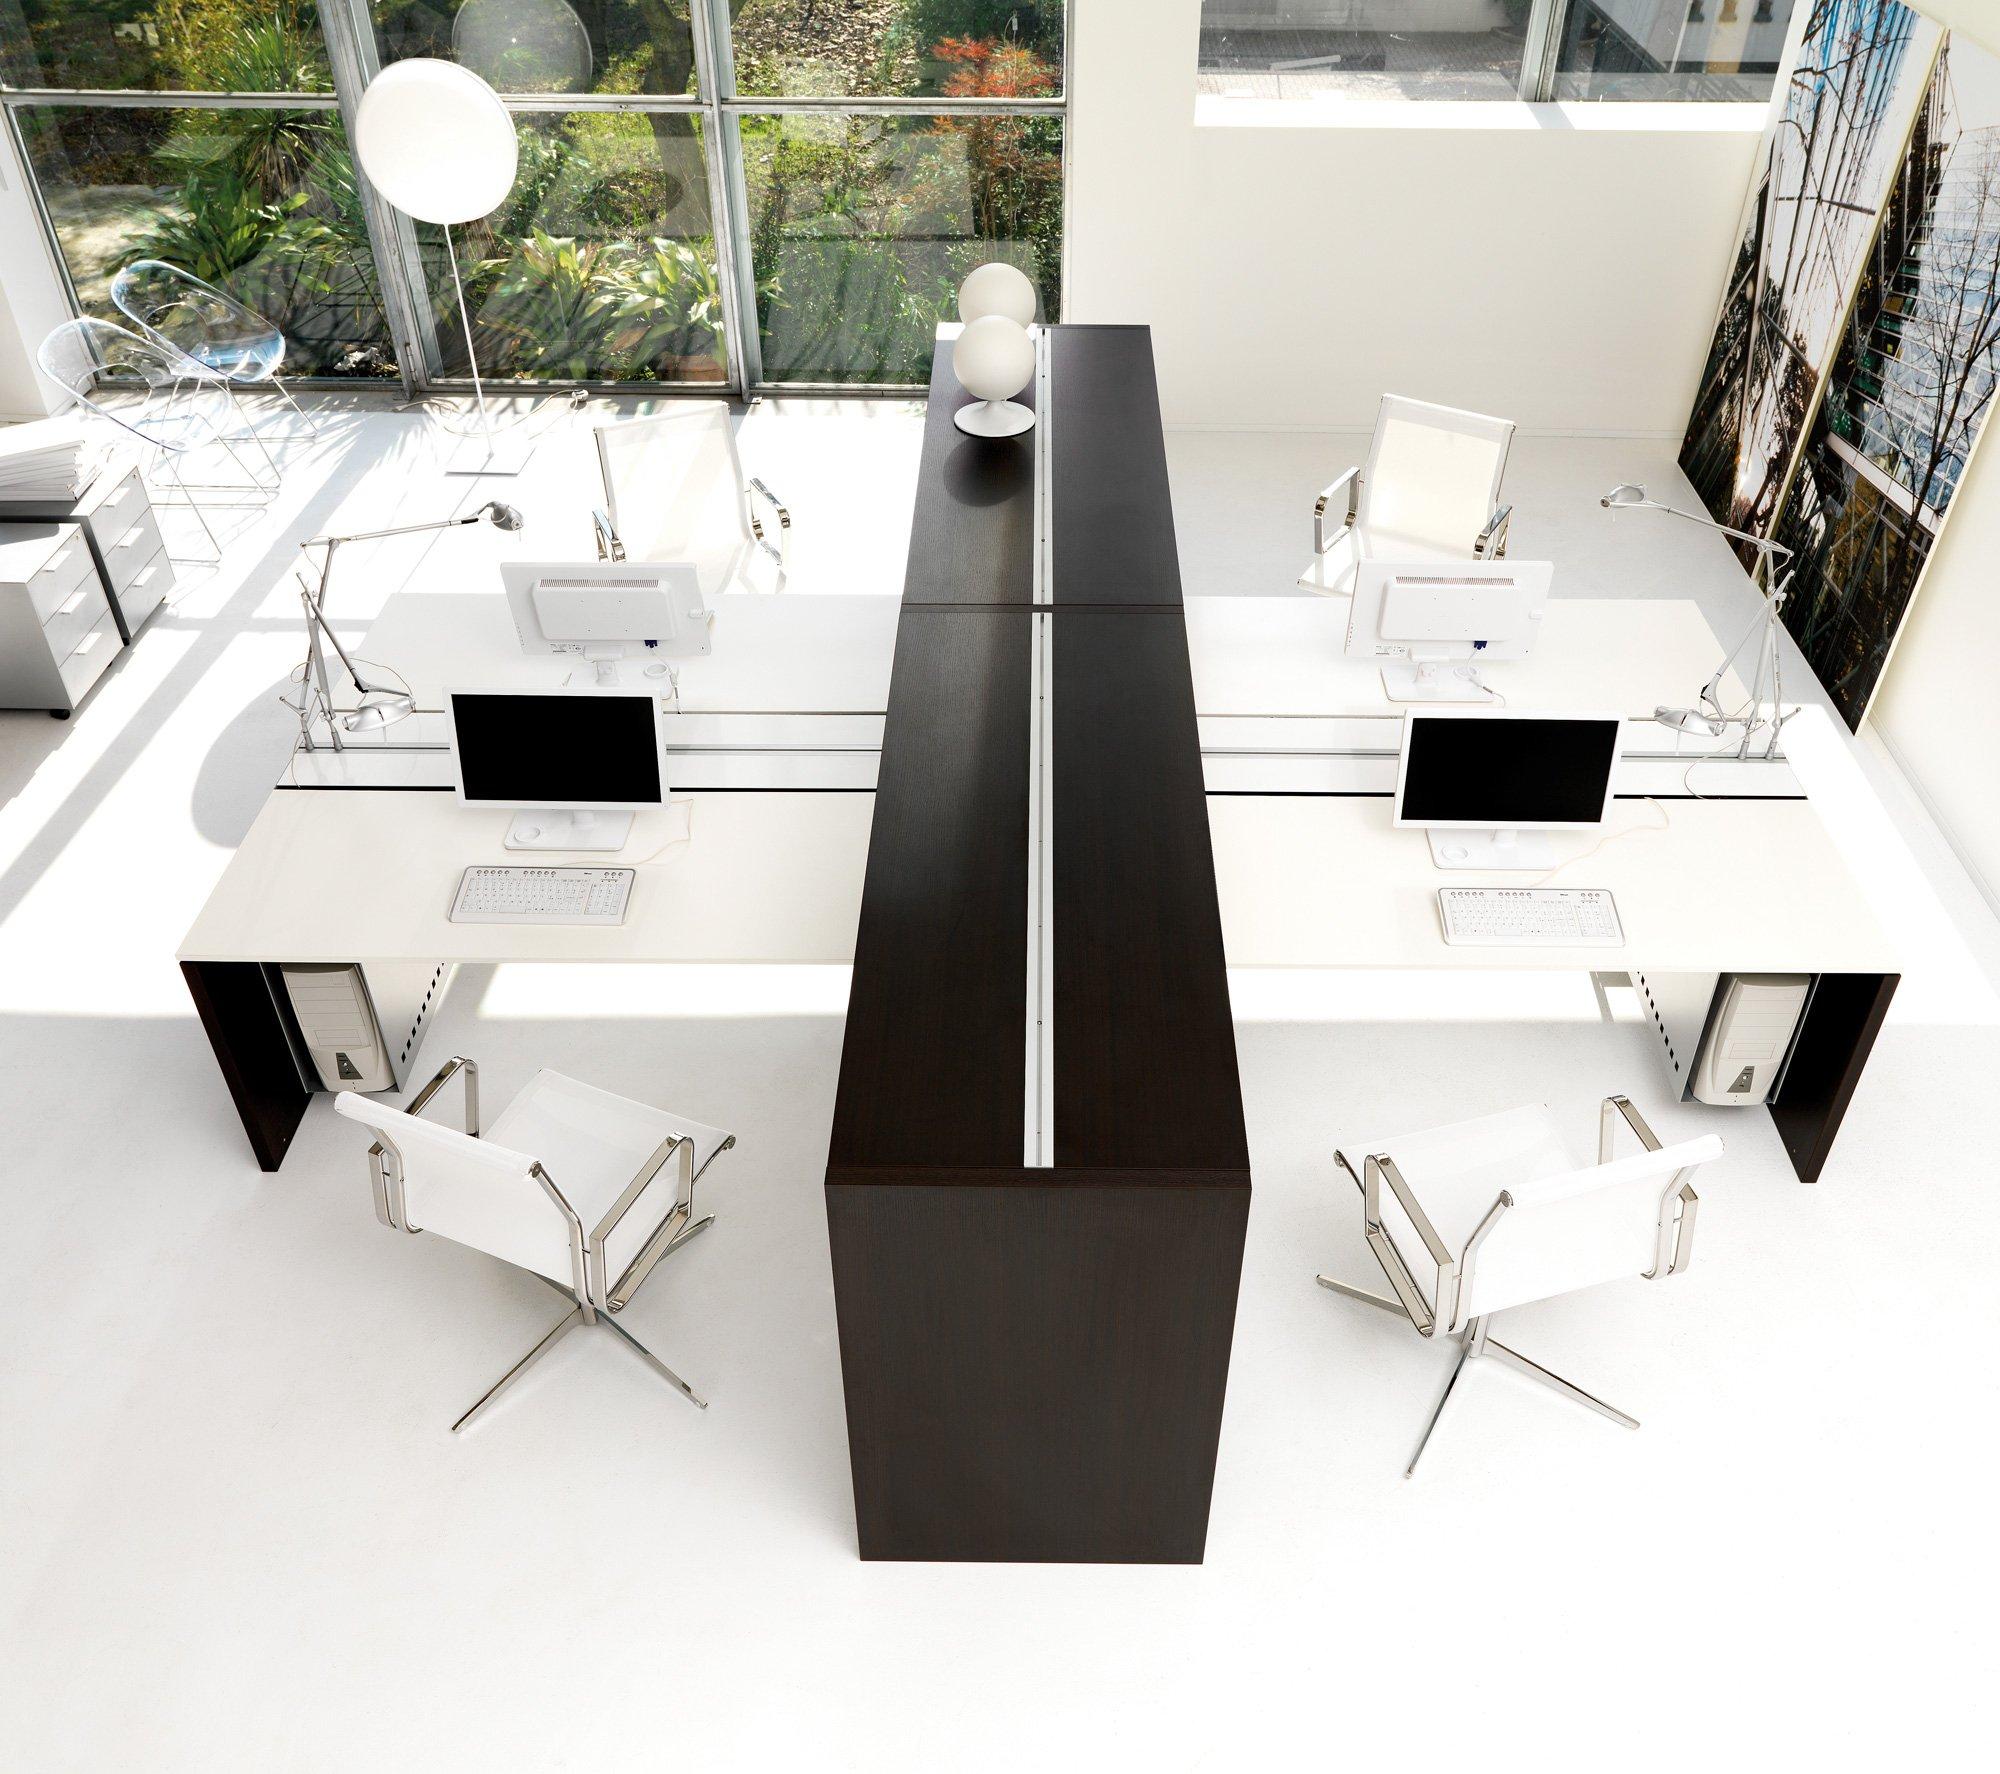 Mobili per ufficio operativo pratiko arredamento per ufficio for Office design arredo ufficio